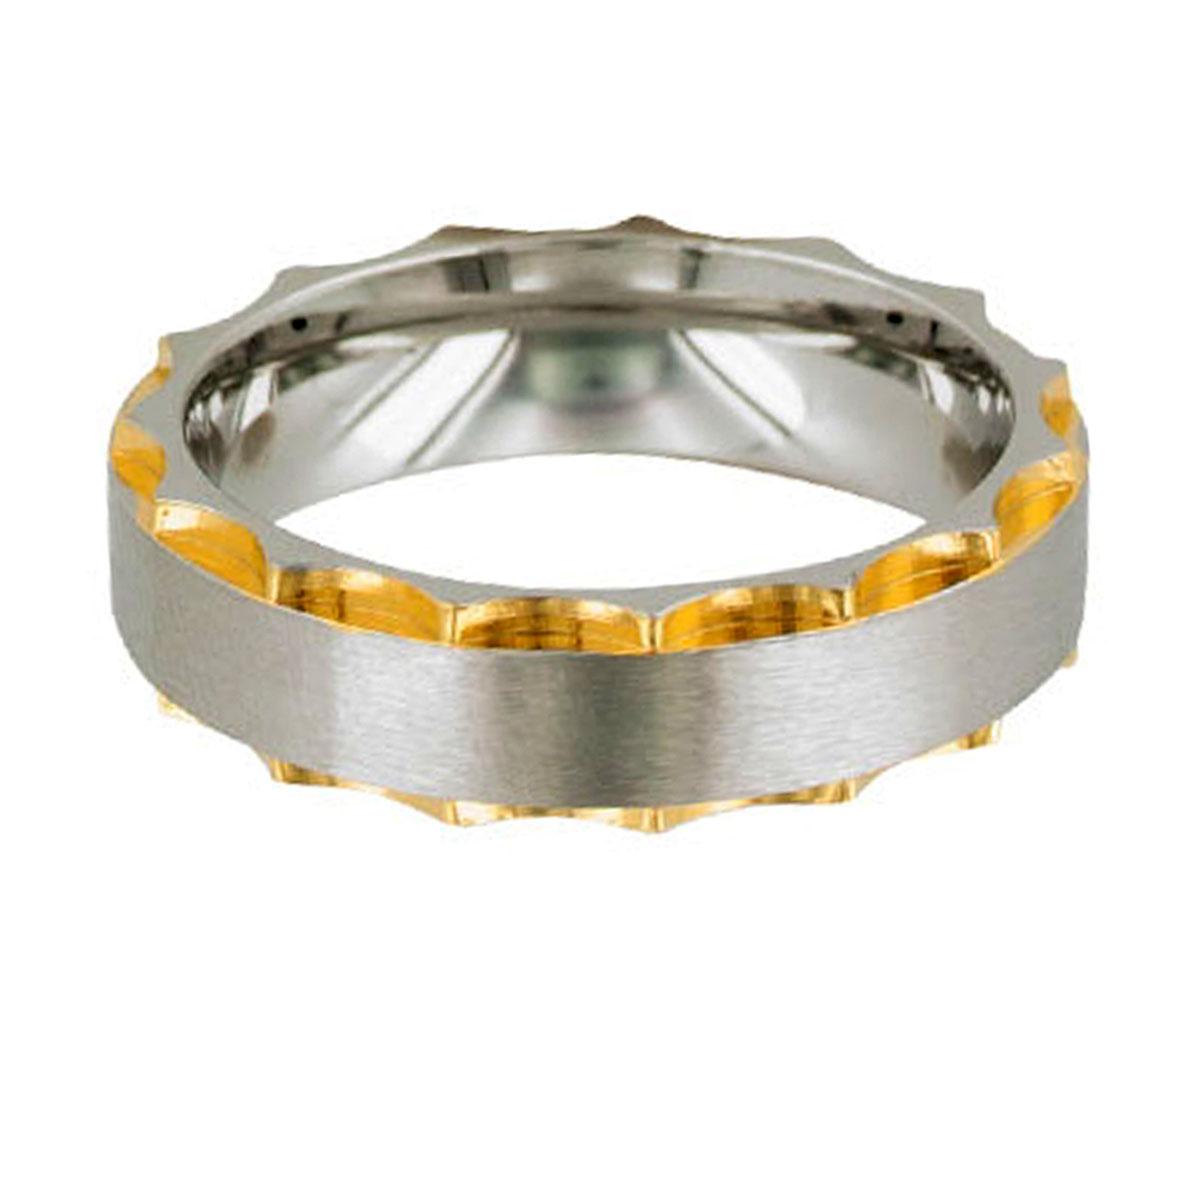 Bague acier \'Peaceful\' argenté doré - 7 mm - [R5135]